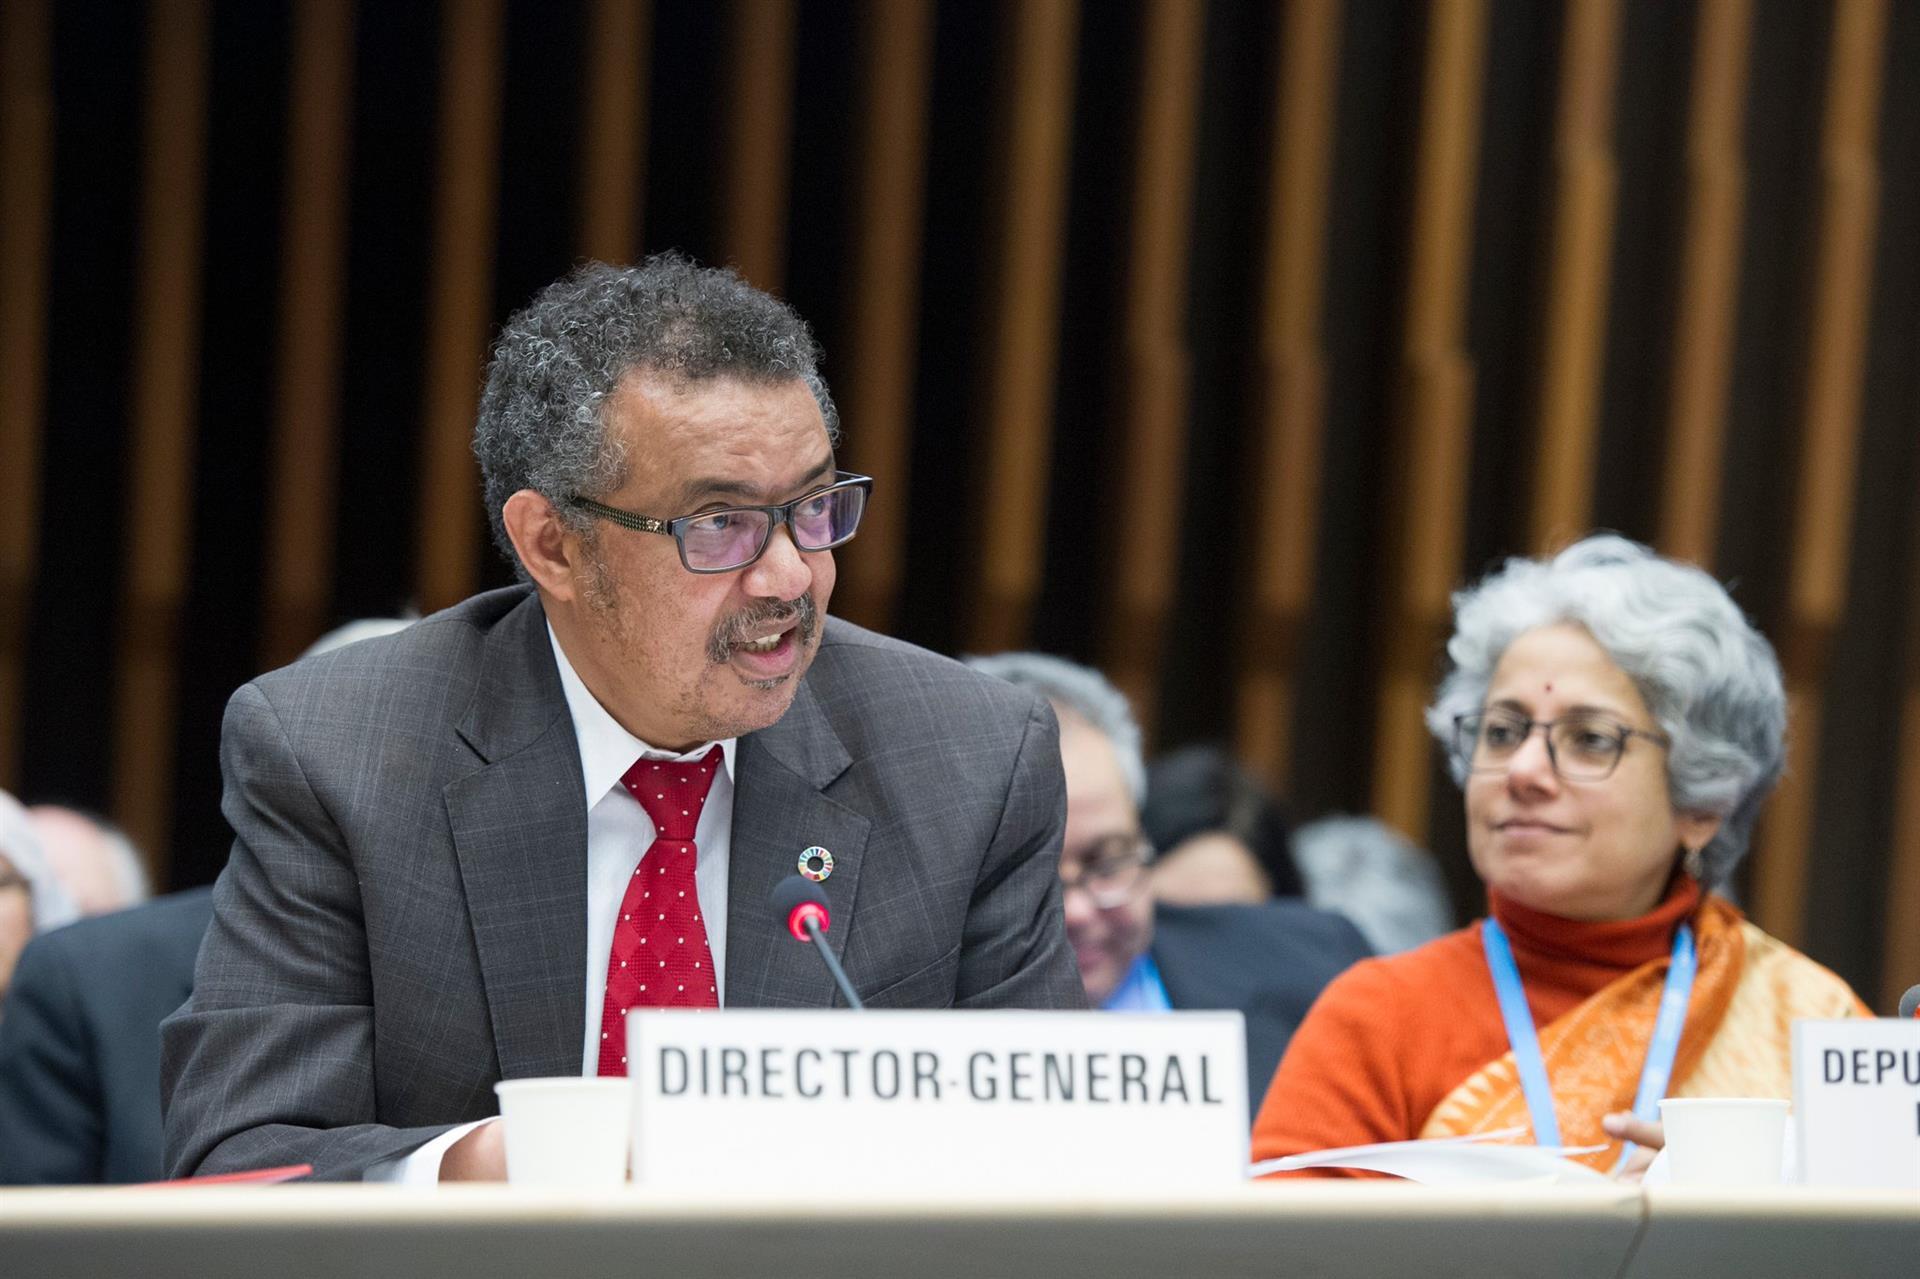 Phát biểu khai mạc của Tổng giám đốc WHO tại cuộc họp báo về COVID-19